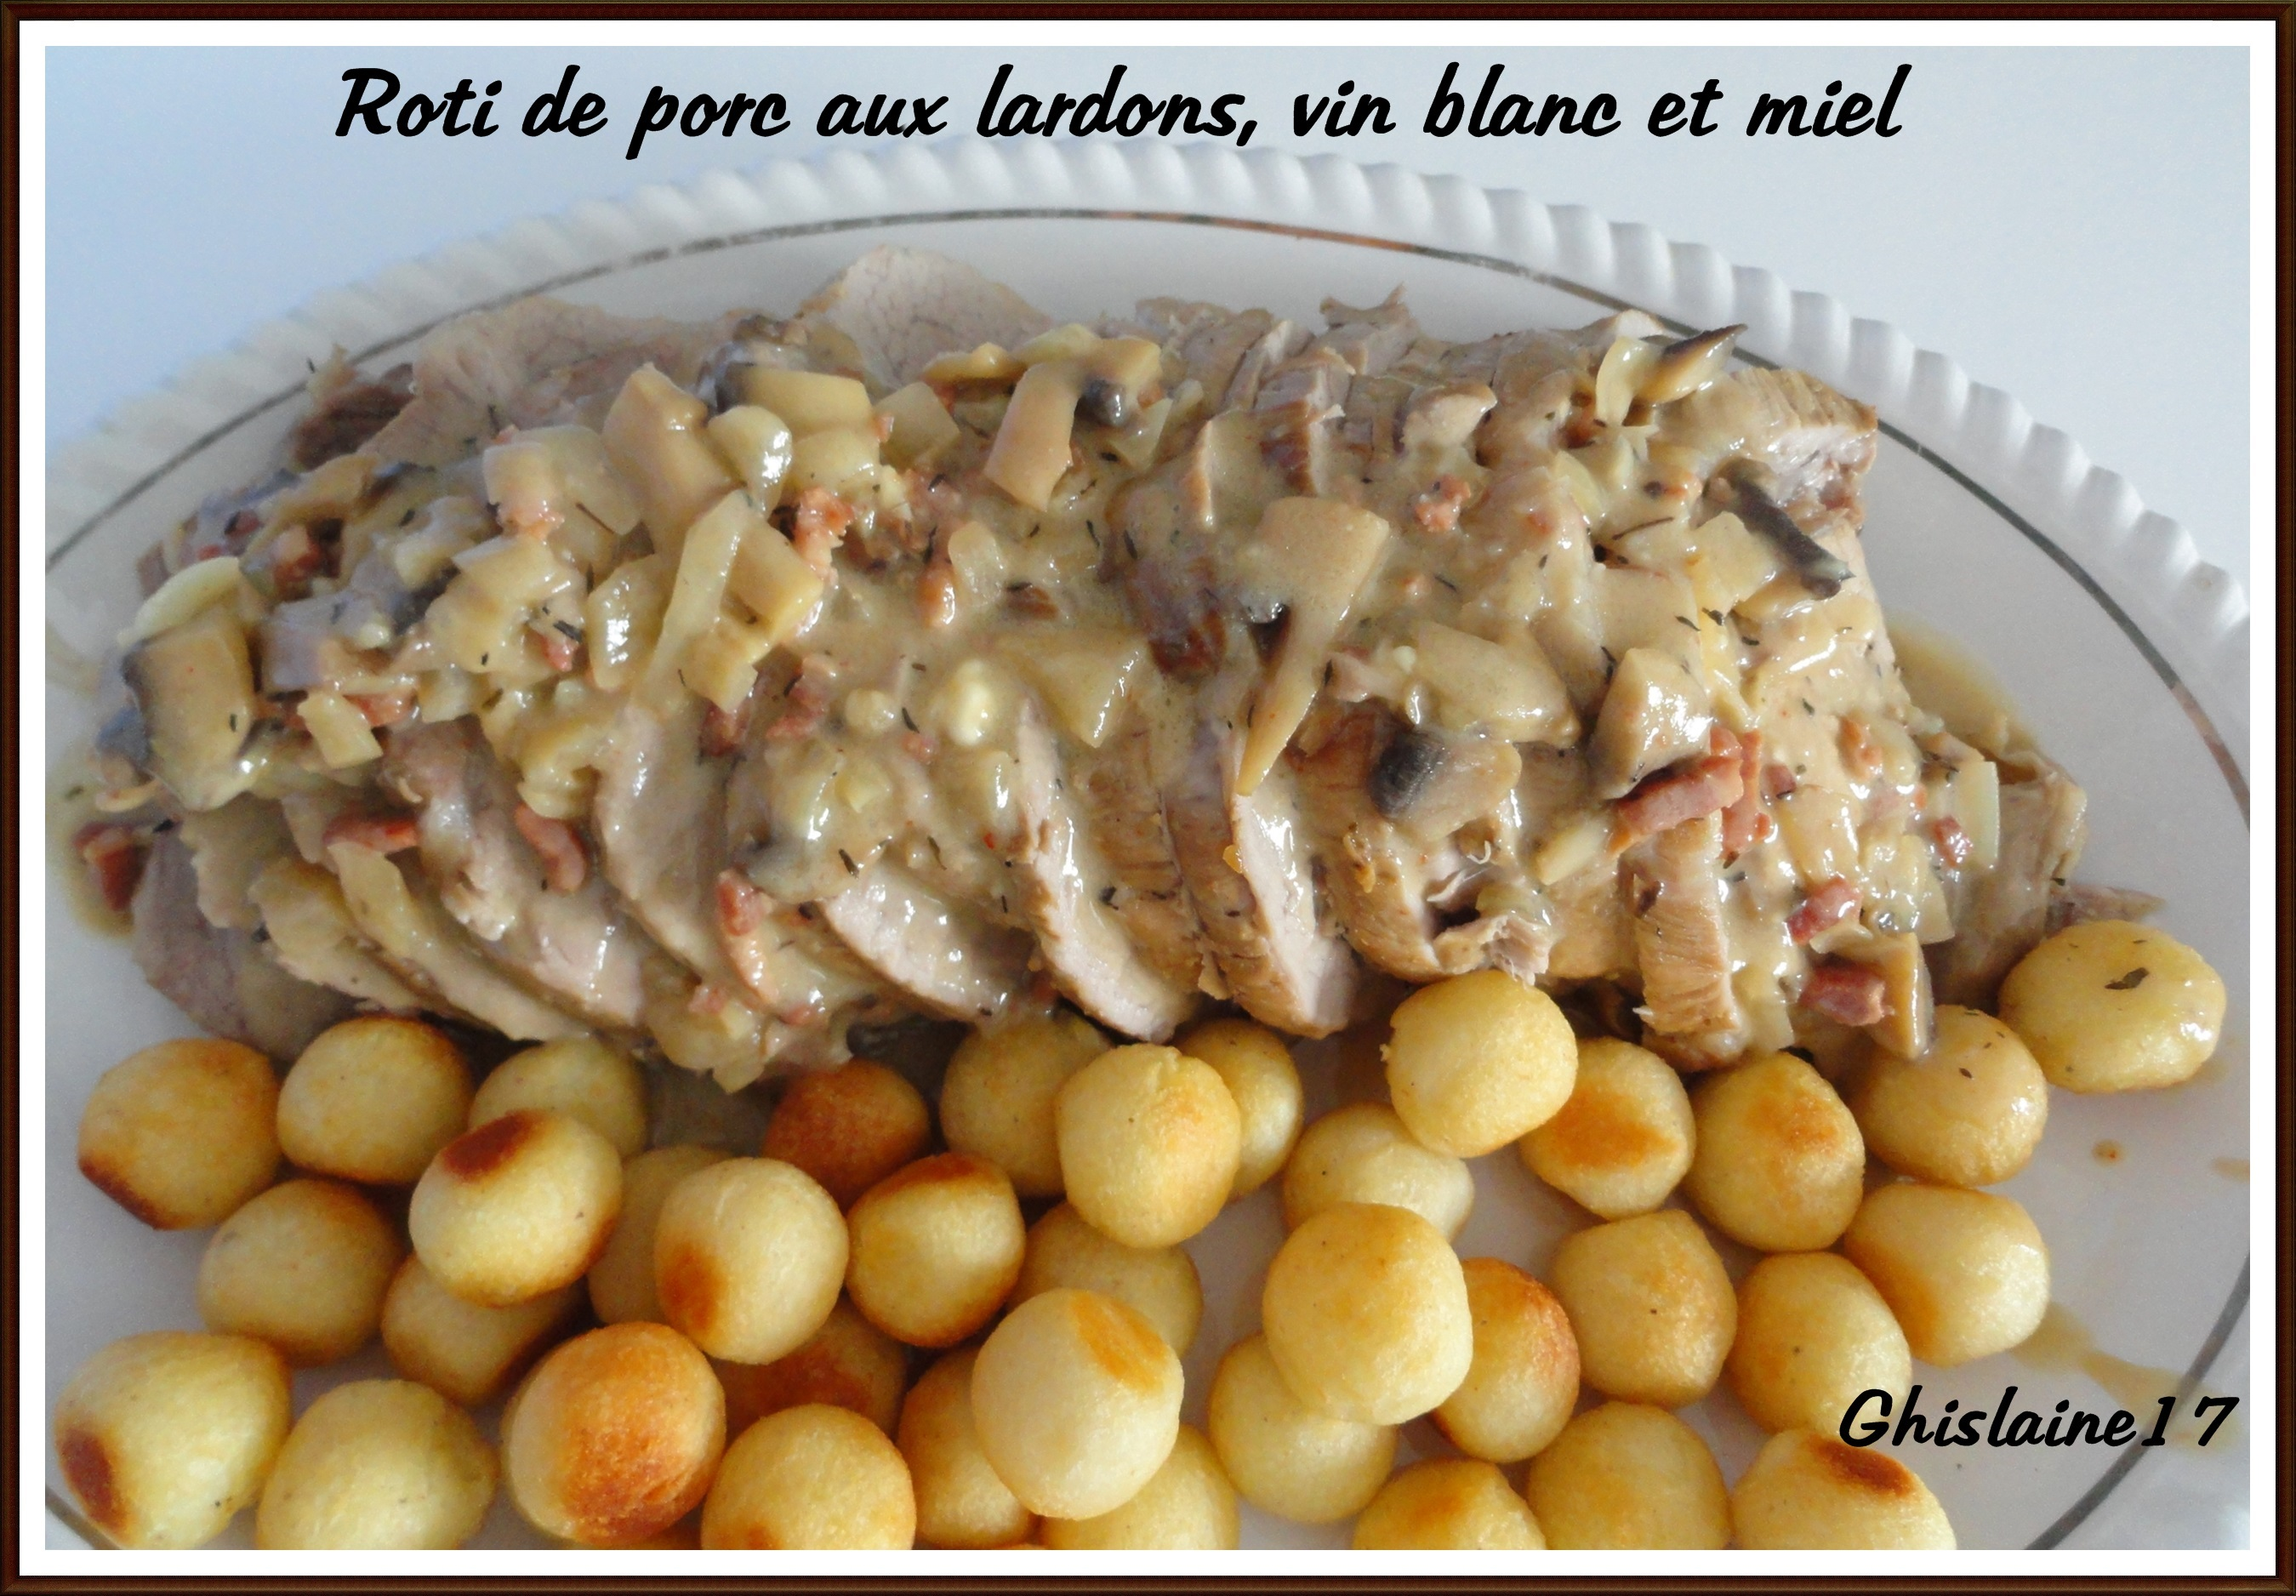 Roti De Porc Aux Lardons Vin Blanc Et Miel Ghislaine Cuisine